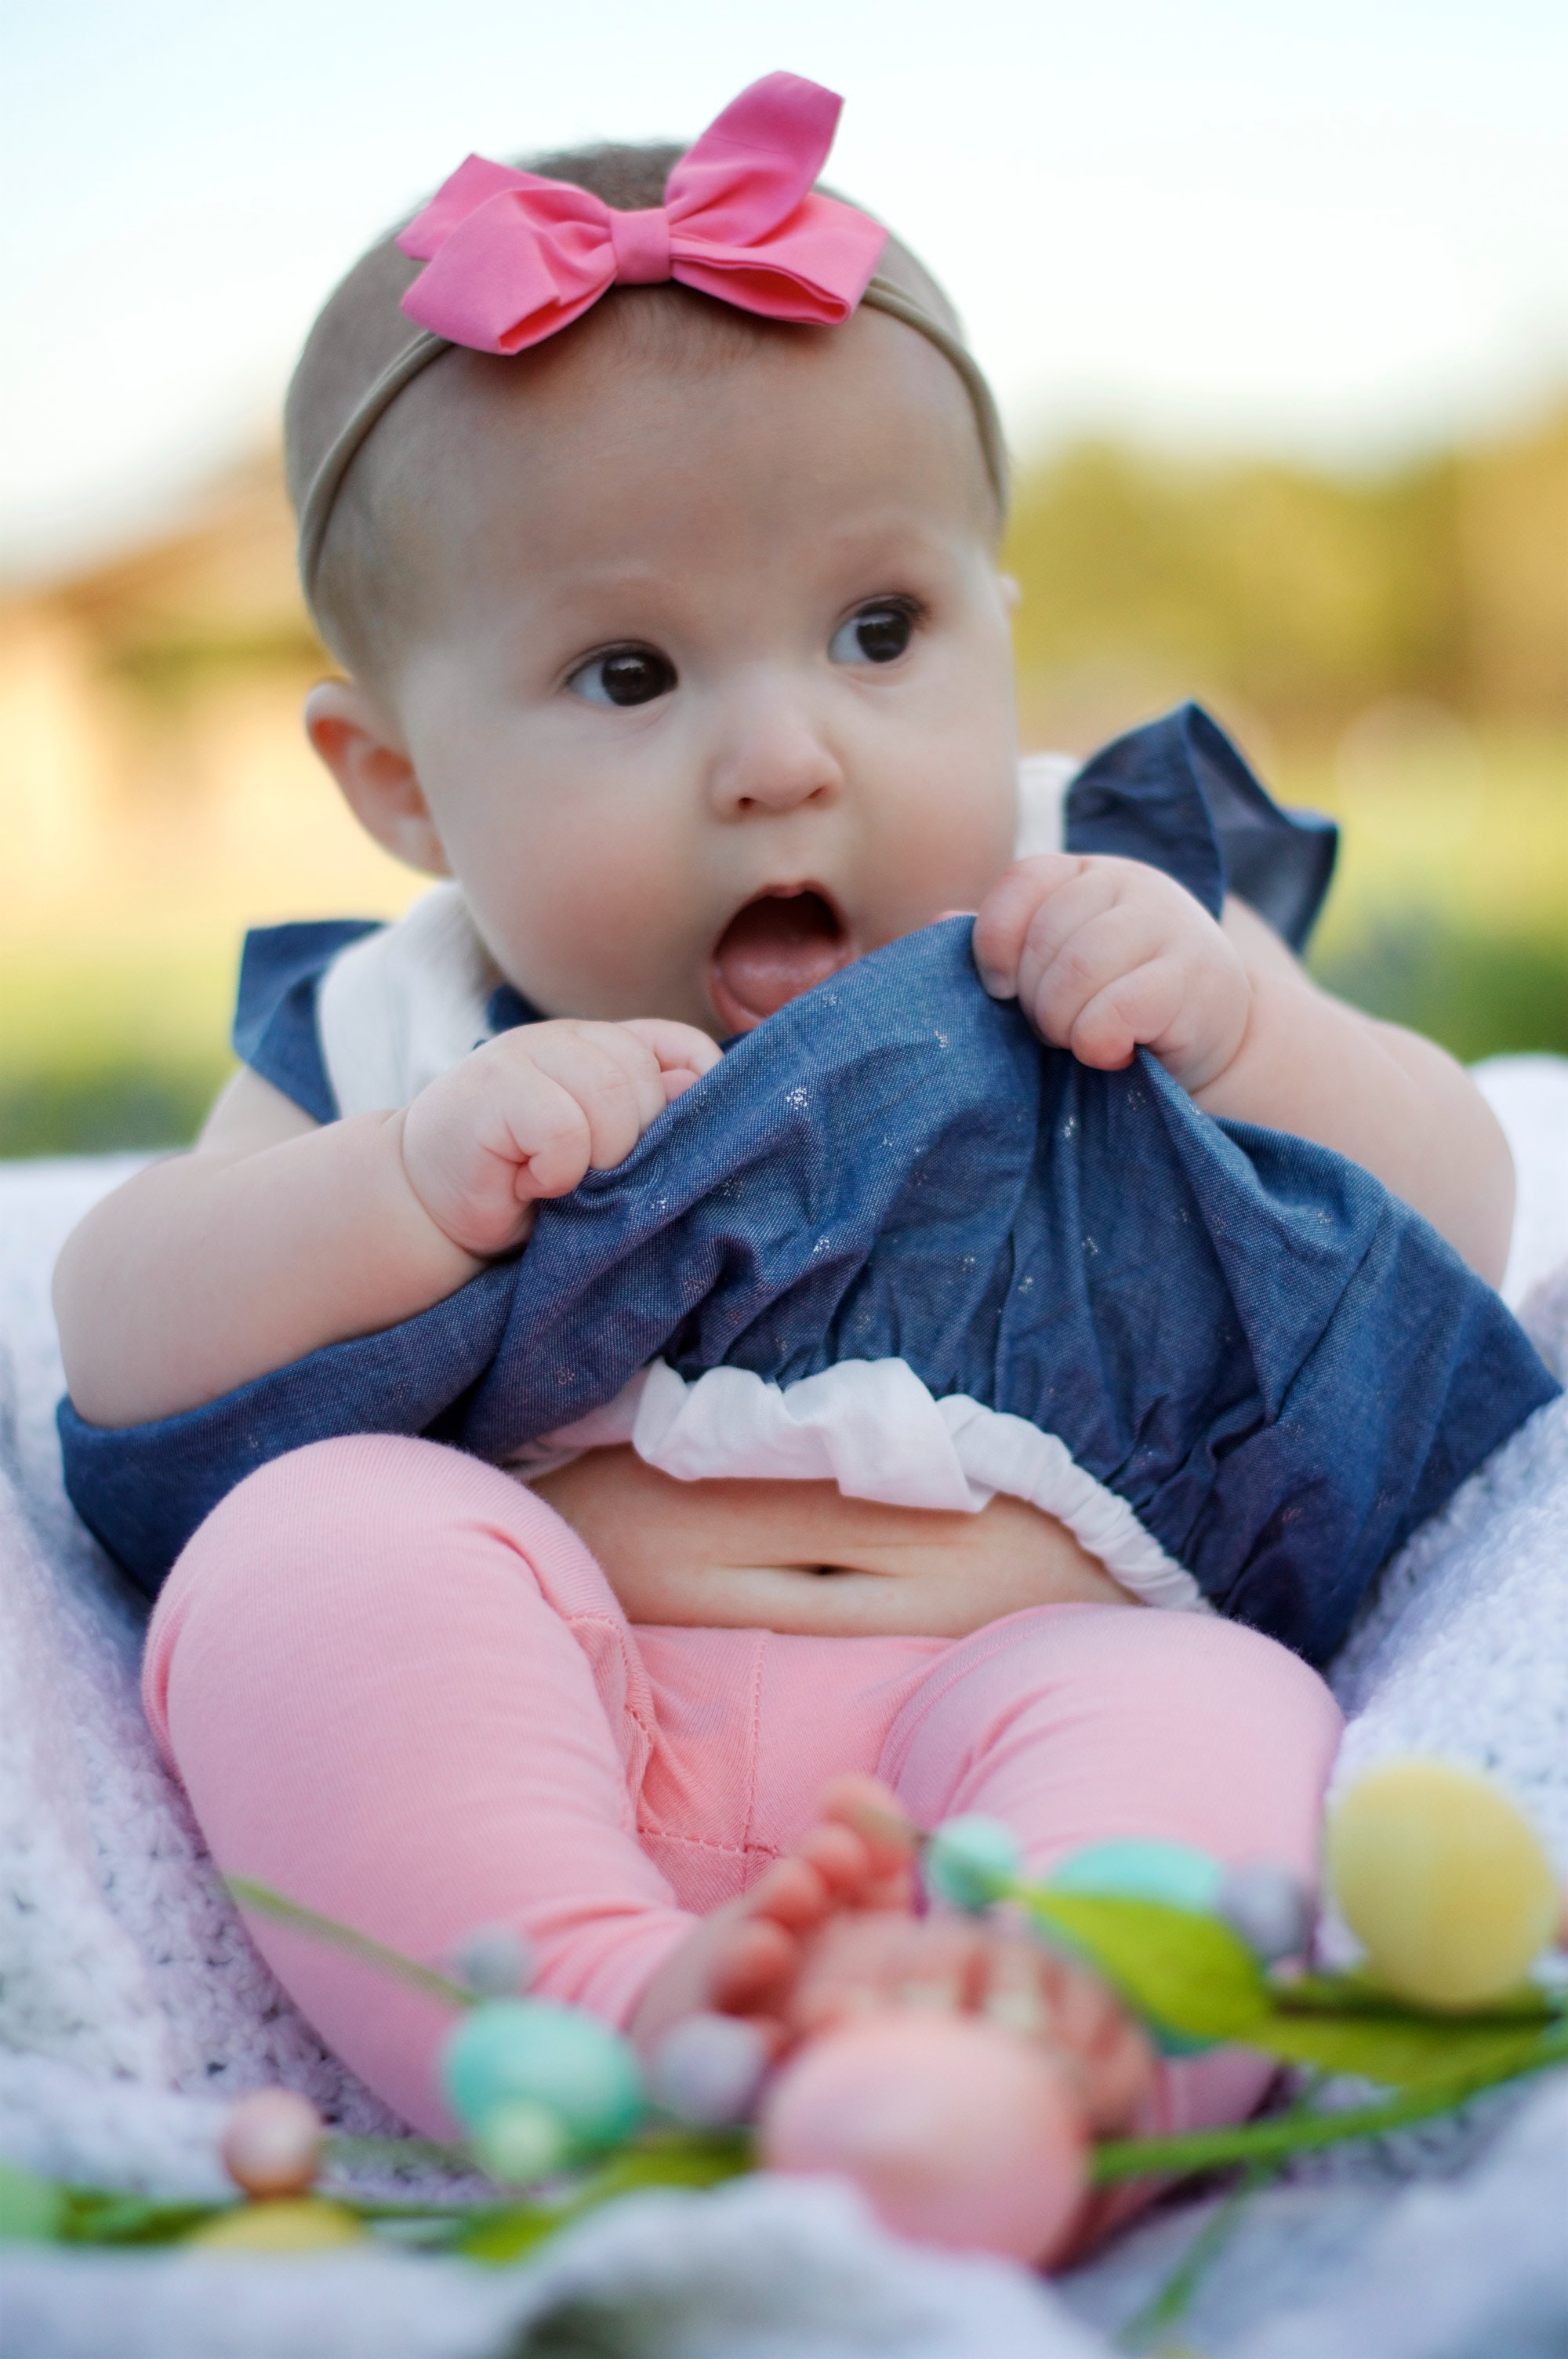 amazing-baby-baby-girl-377045.jpg